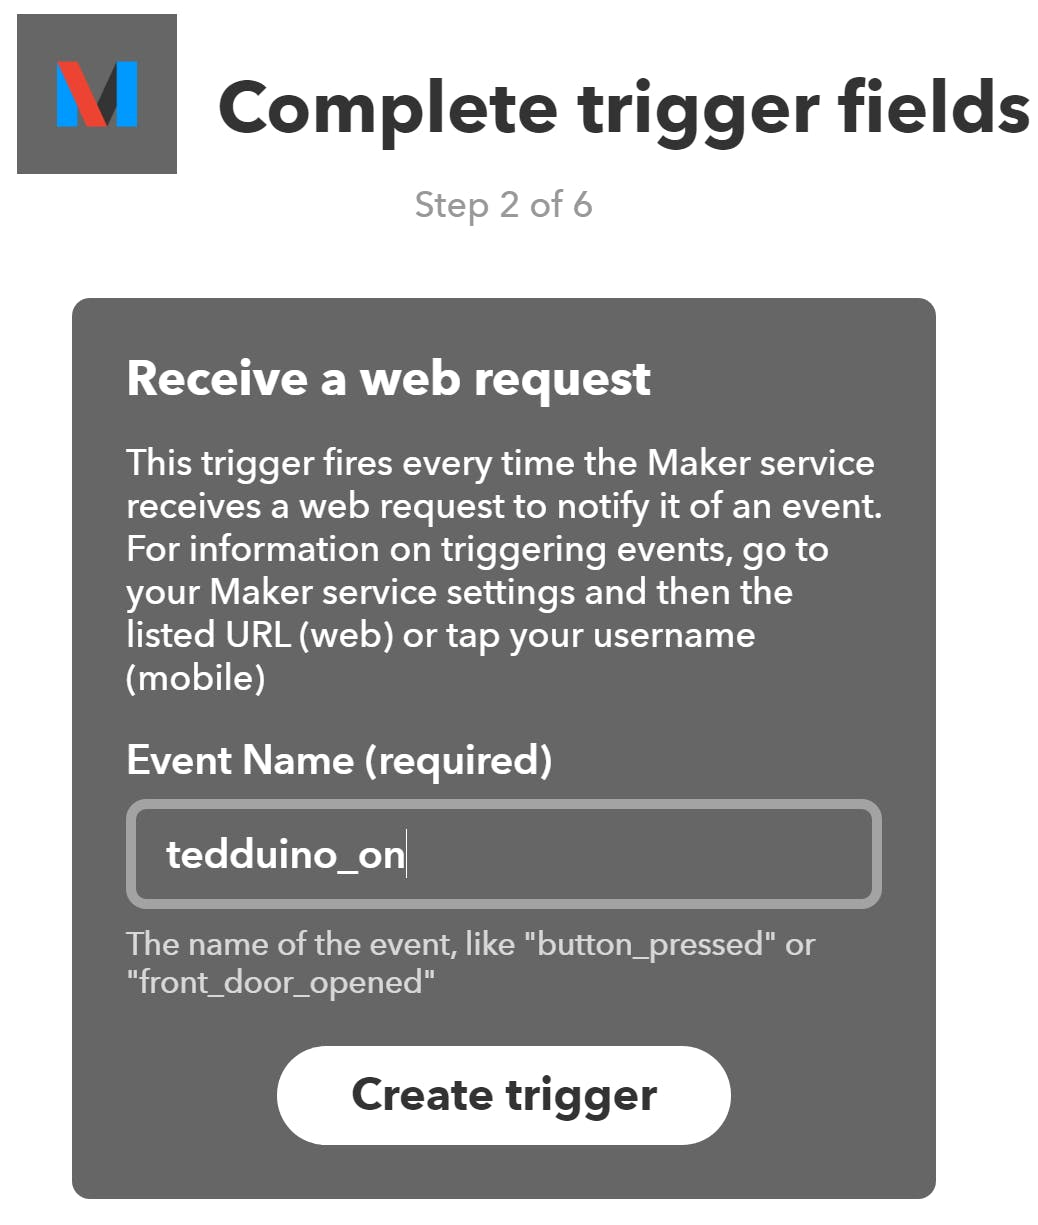 """Enter """"tedduino_on"""" then click """"Create trigger"""""""